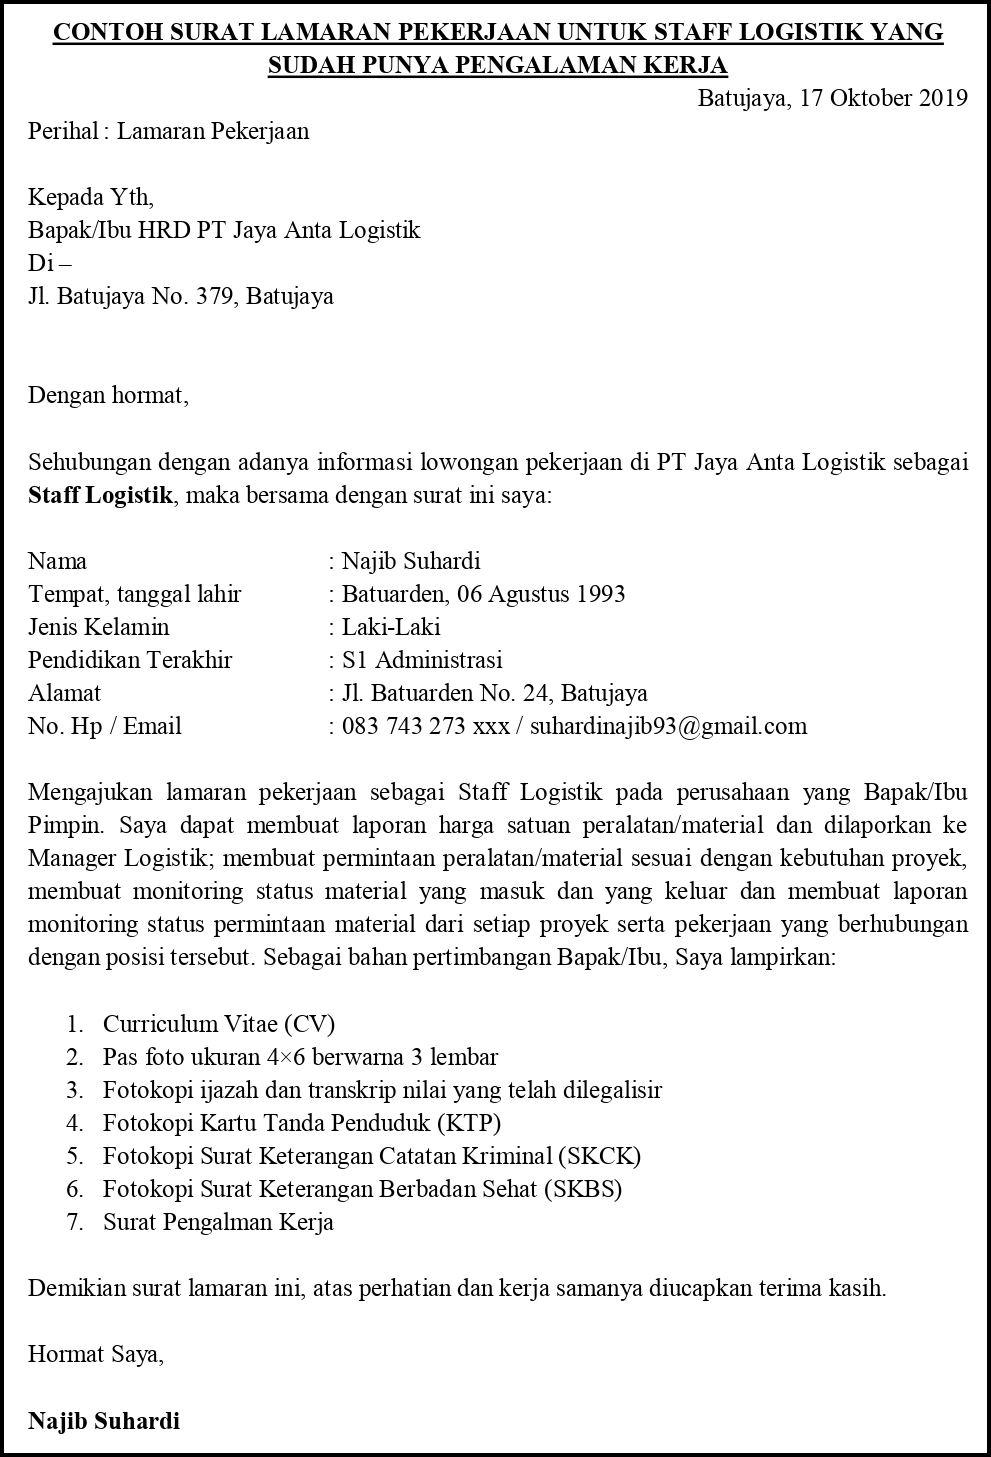 Contoh Surat Lamaran Pekerjaan Untuk Operasi Bisnis Tanpa Koma